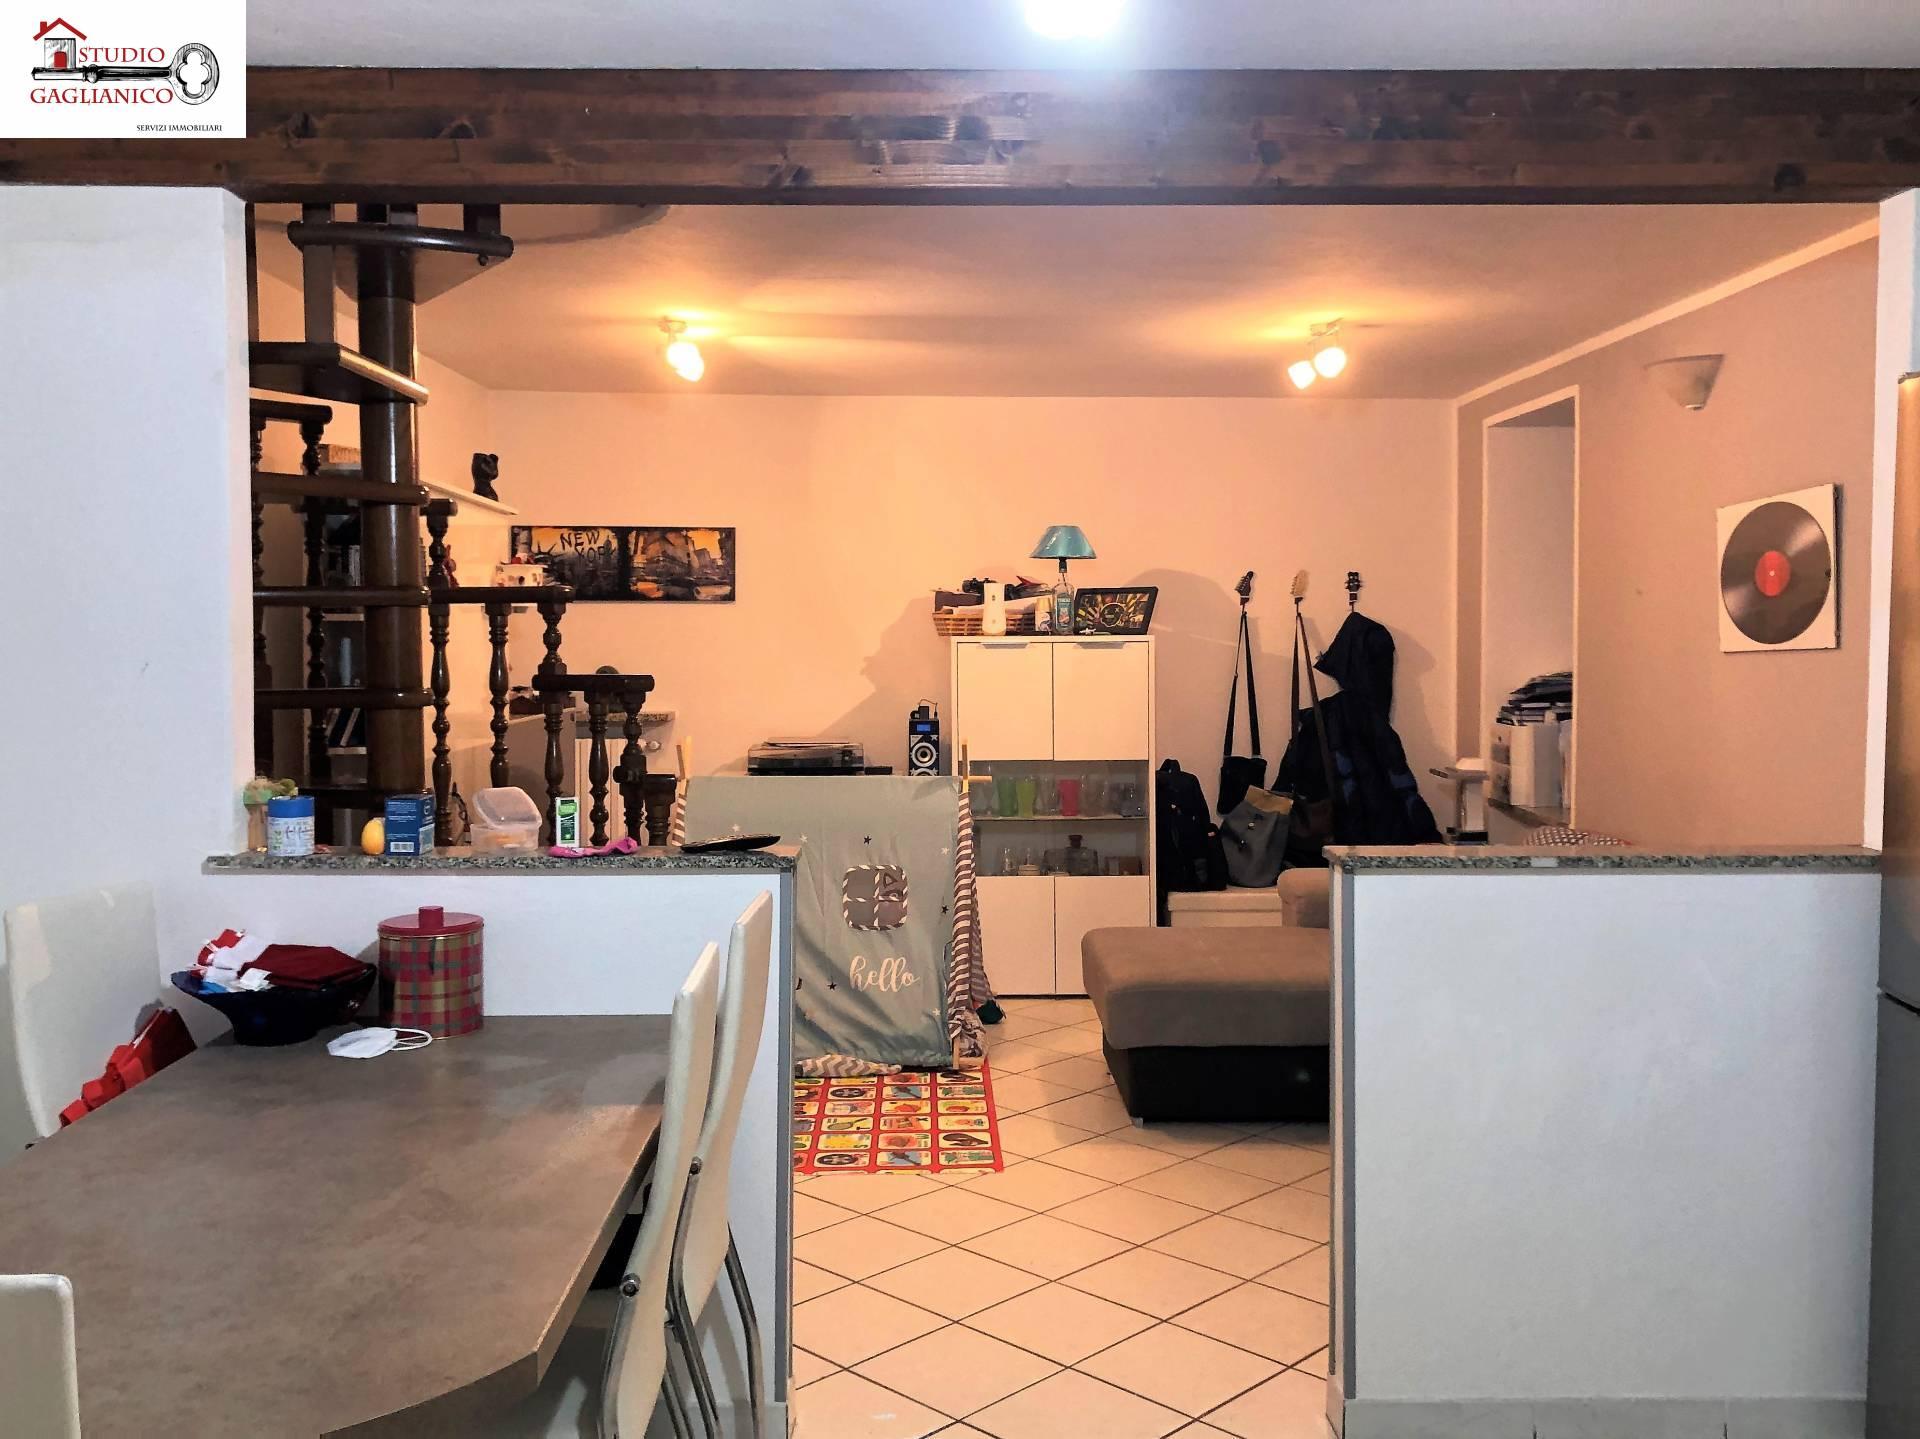 Casa semi-indipendente in vendita a Gaglianico (BI)